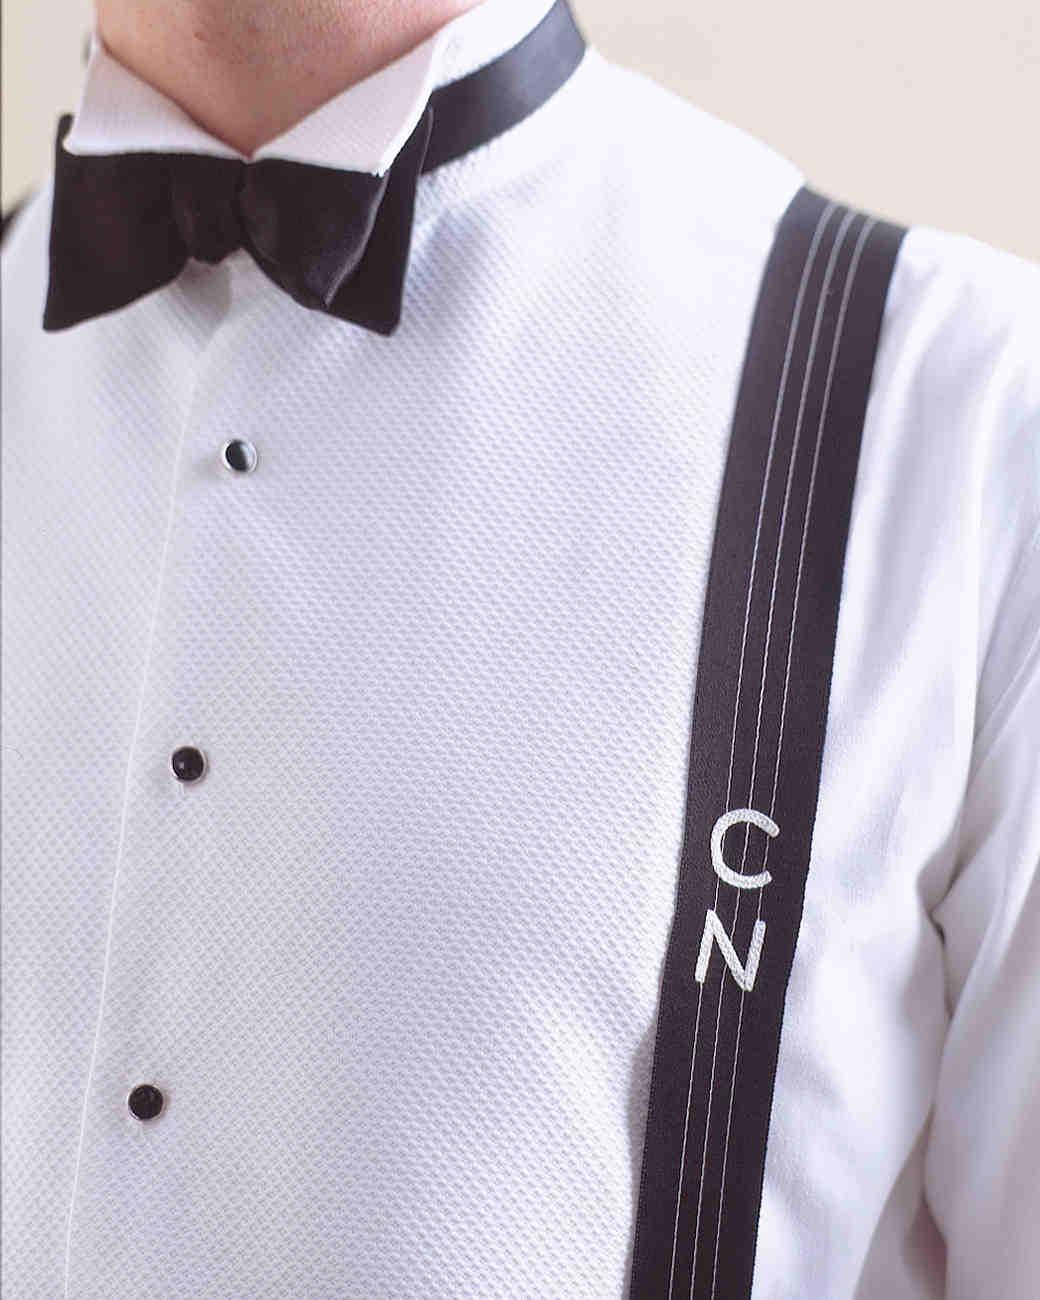 diy-groomsmen-gifts-monogram-suspenders-f03-0615.jpg